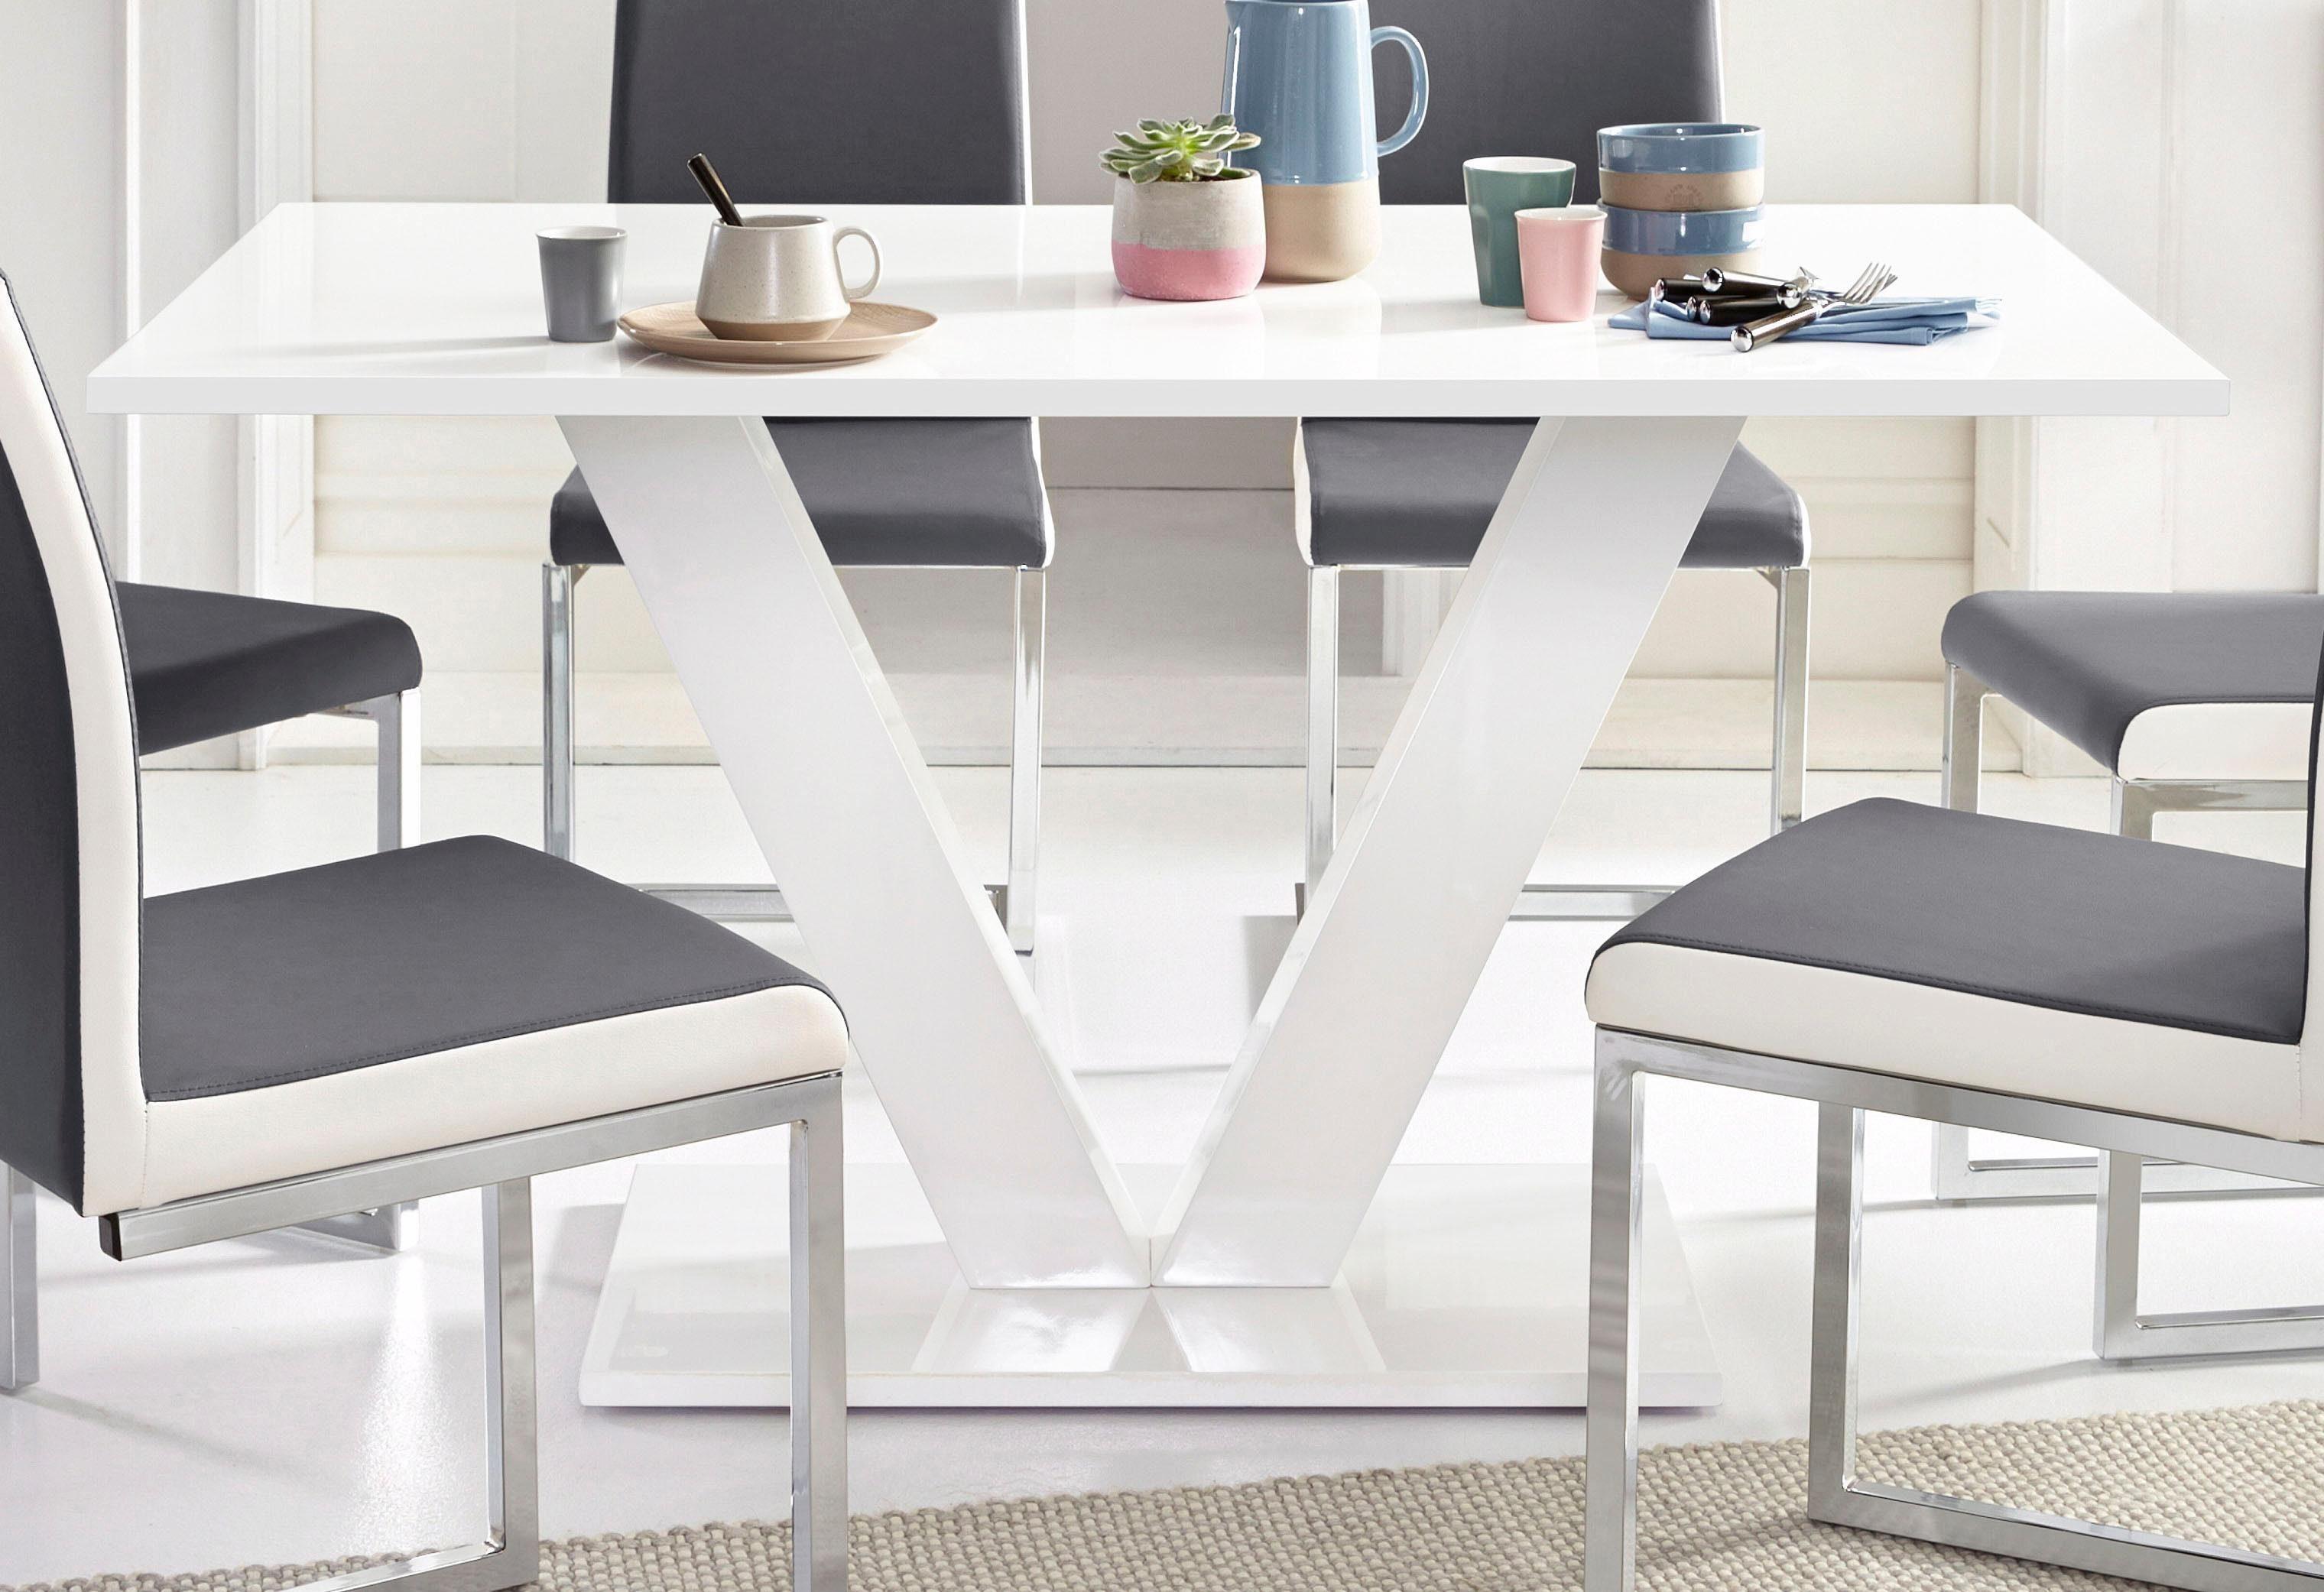 Tafel Laten Bezorgen : Tafel laten bezorgen tafel met poot in het midden van